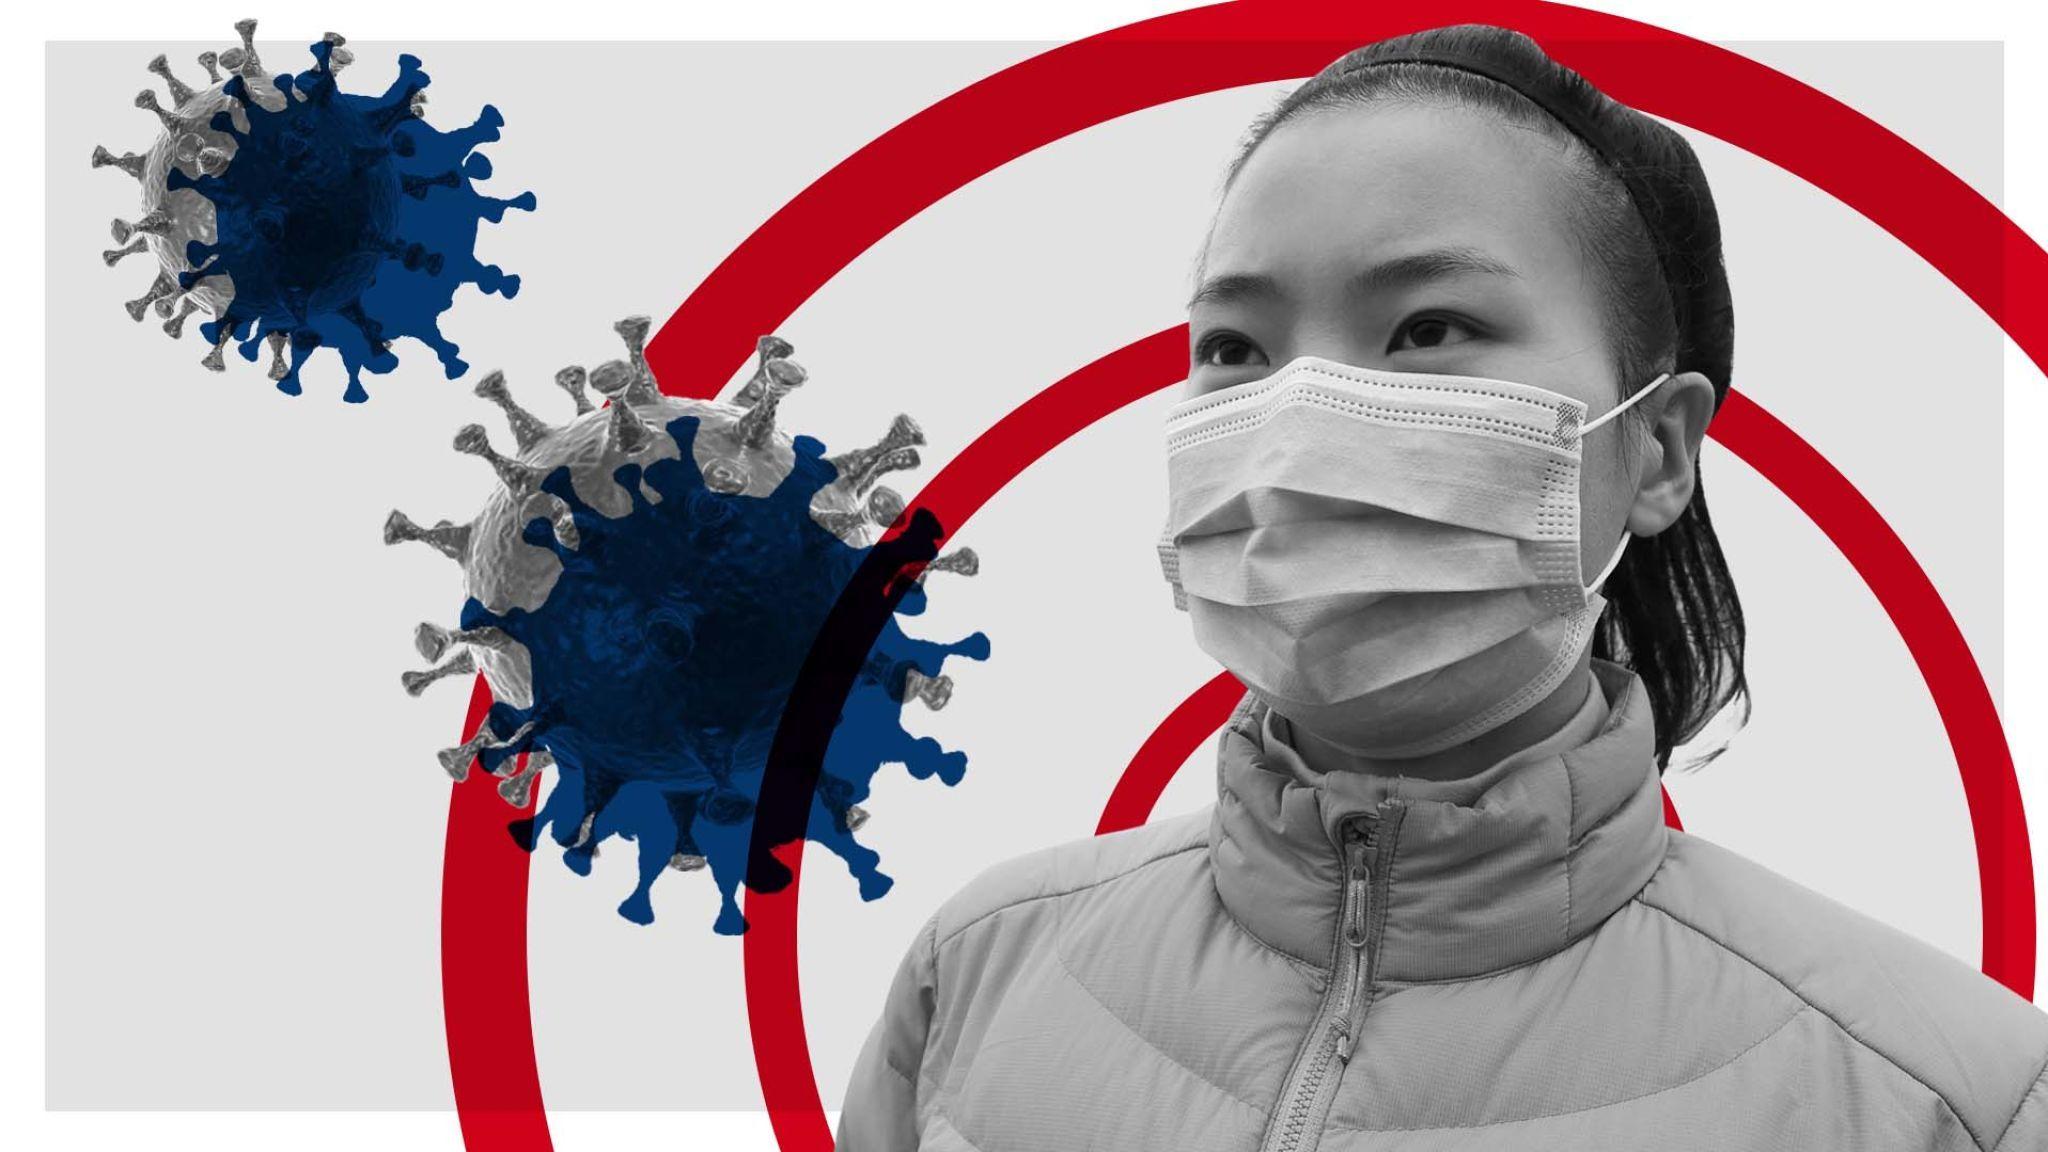 Madencilik Cihazları Coronavirus'ten Ötürü Teslim Edilemiyor